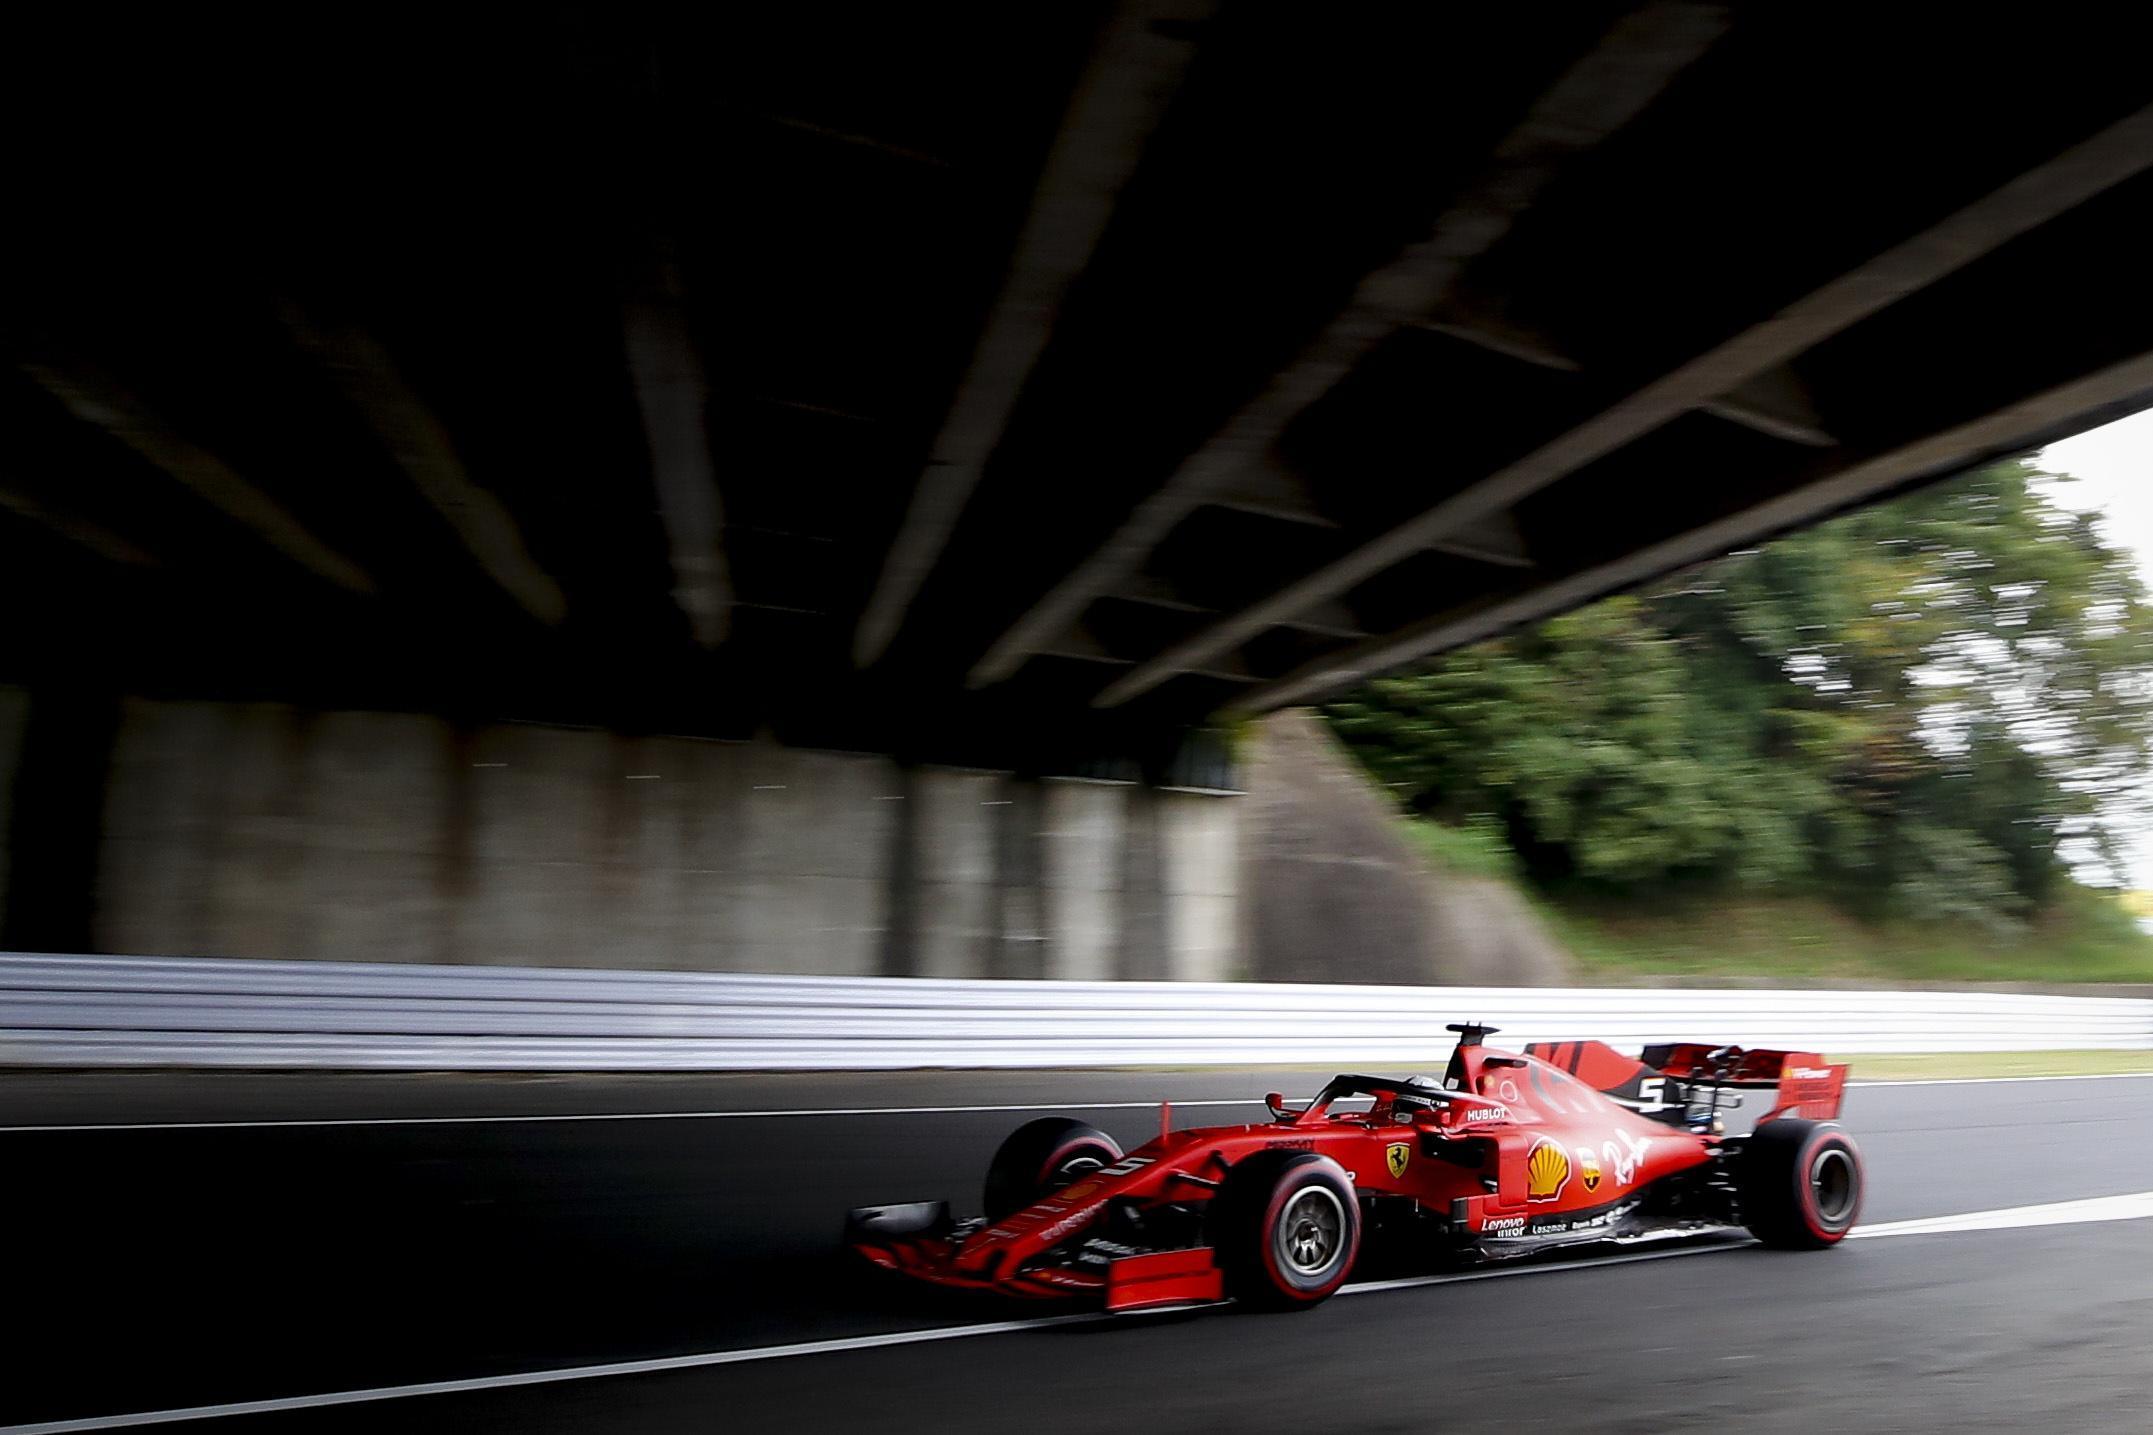 Sebastian Vettel in azione. Il pilota della Ferrari si è scusato per le incomprensioni con il box e il compagno di scuderia